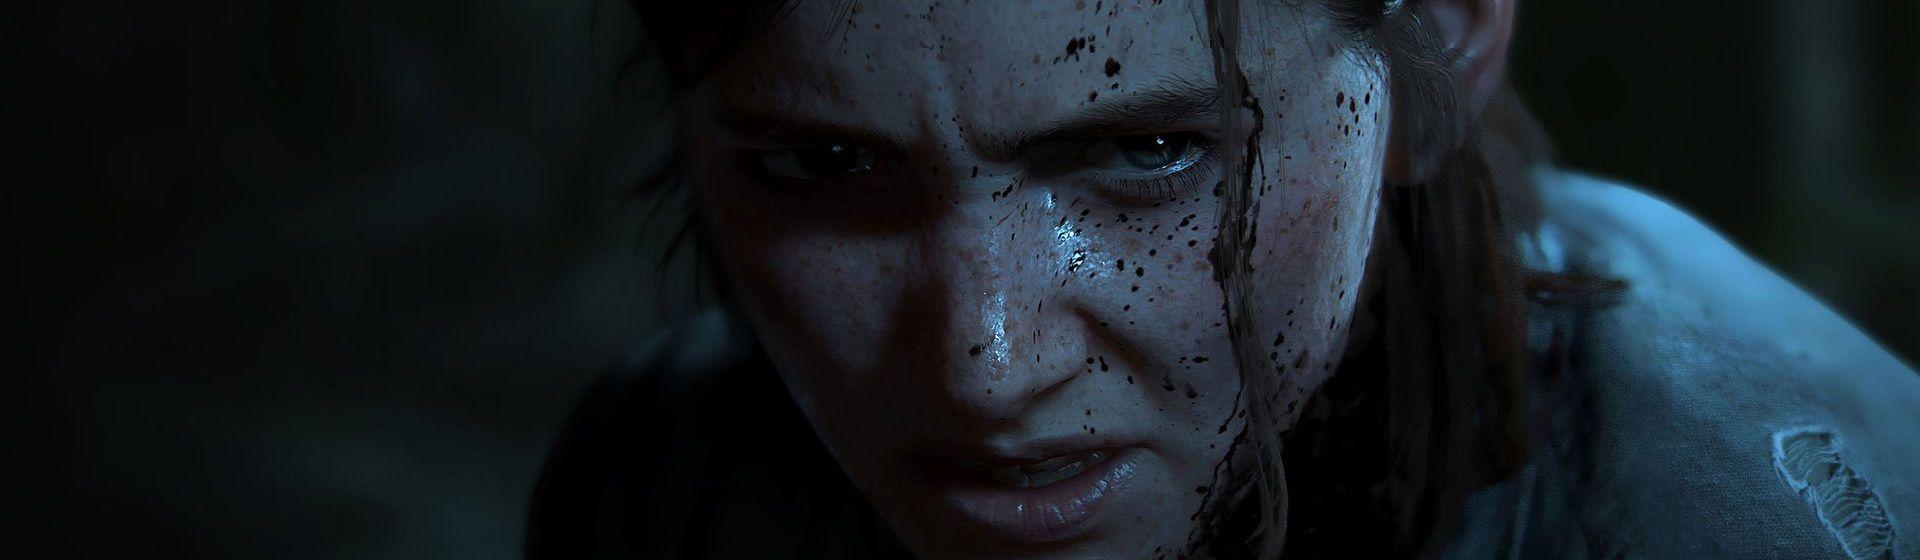 Review The Last of Us Parte 2: enredo tropeça, mas gameplay compensa